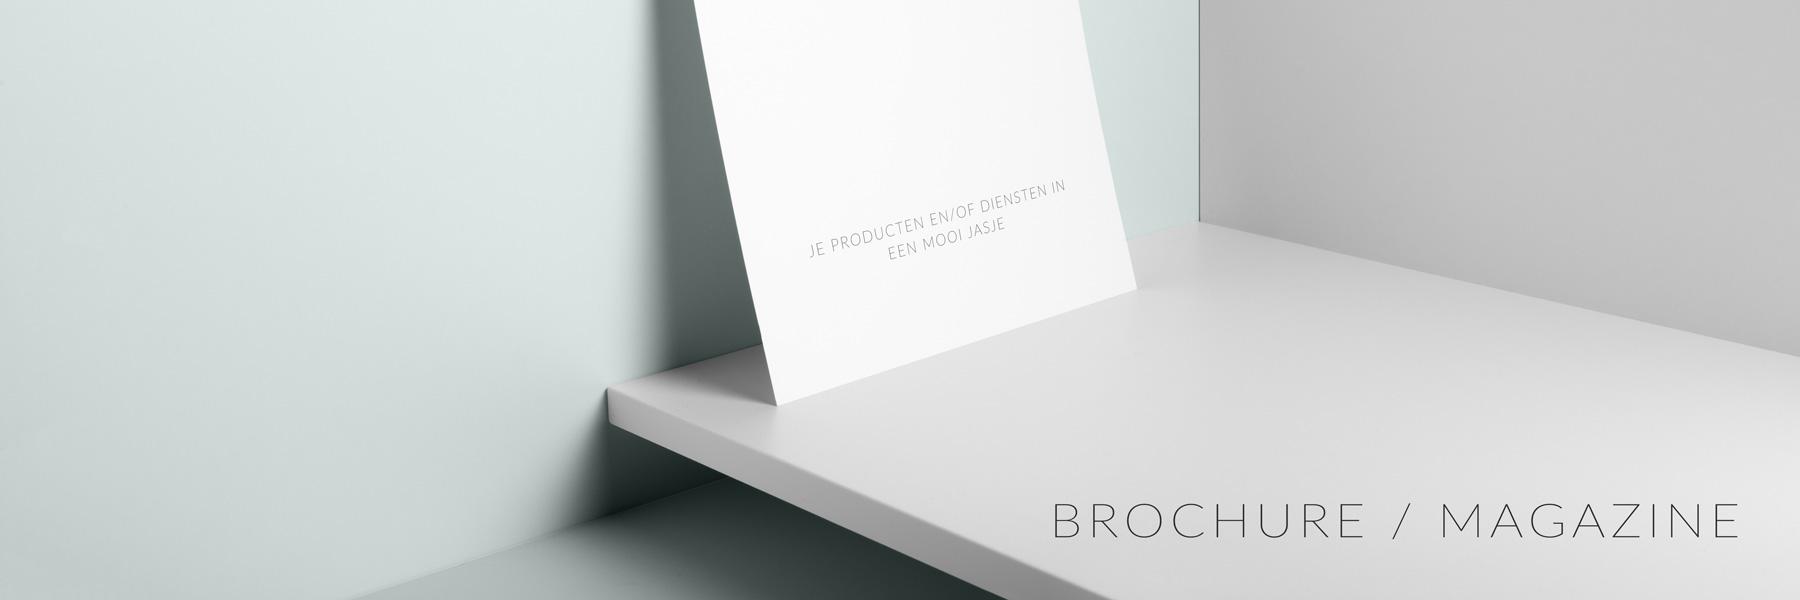 Brochure, catalogus, magazine: Je producten en/of diensten in een mooi jasje